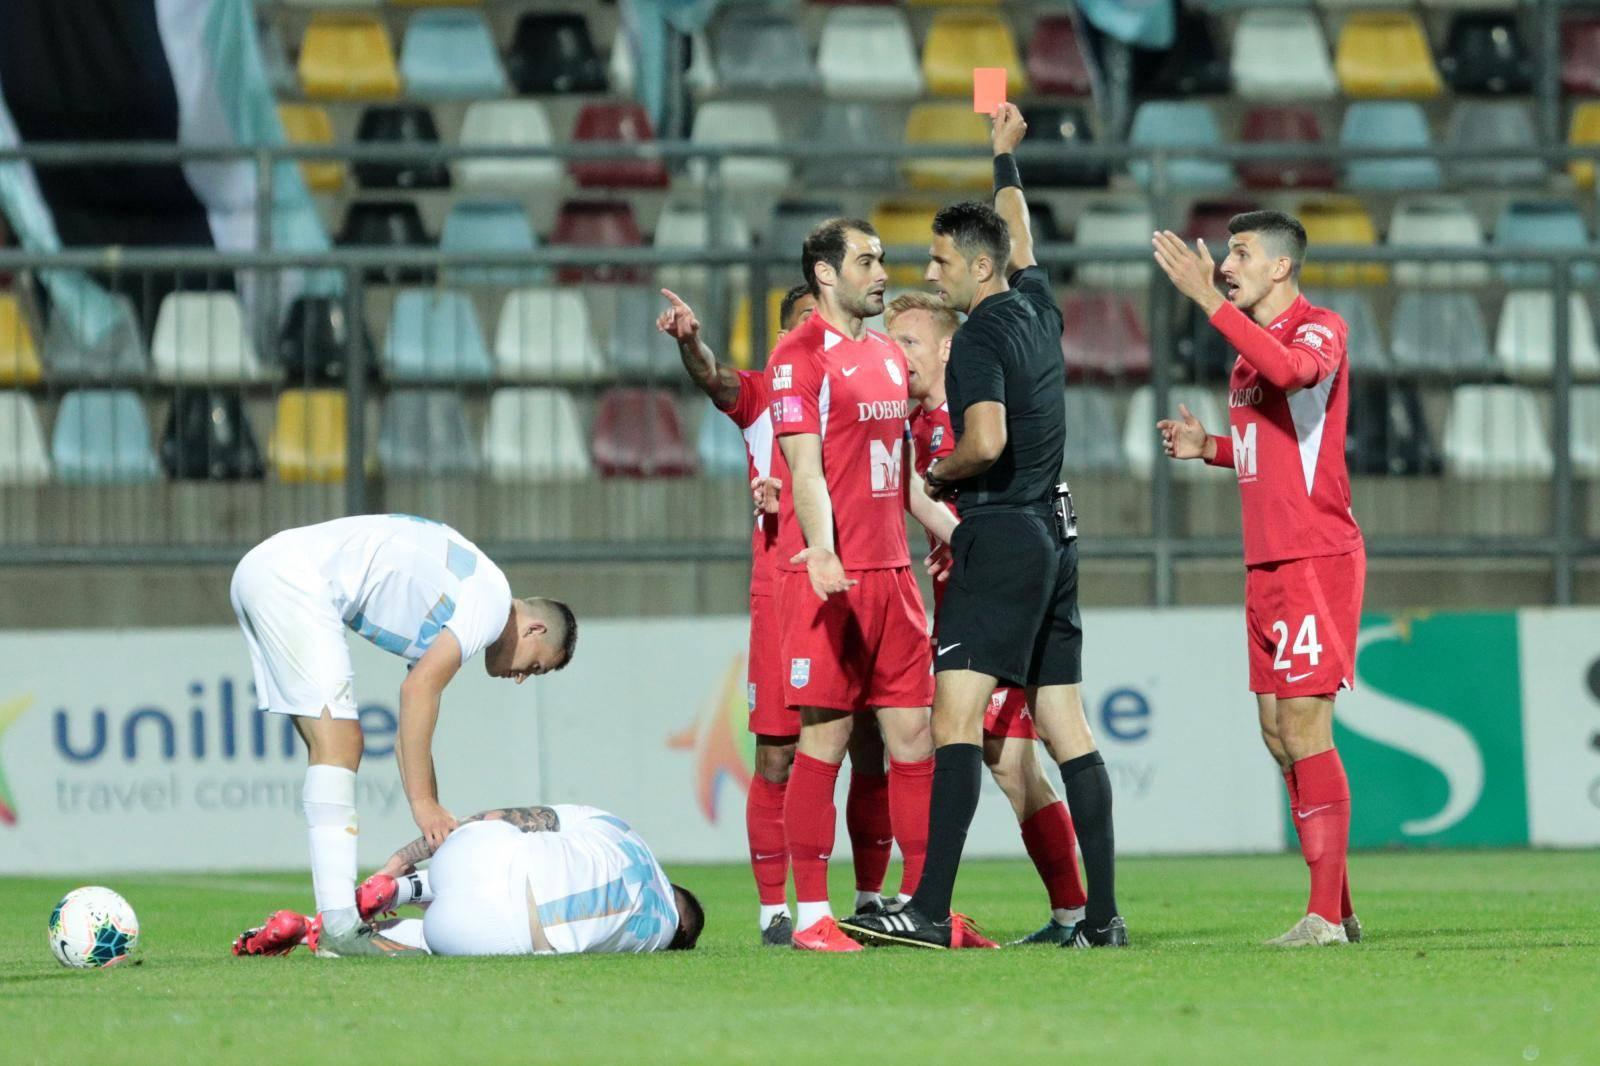 Drugi polufinalni susret Hrvatskog kupa između HNK Rijeka i NK Osijek